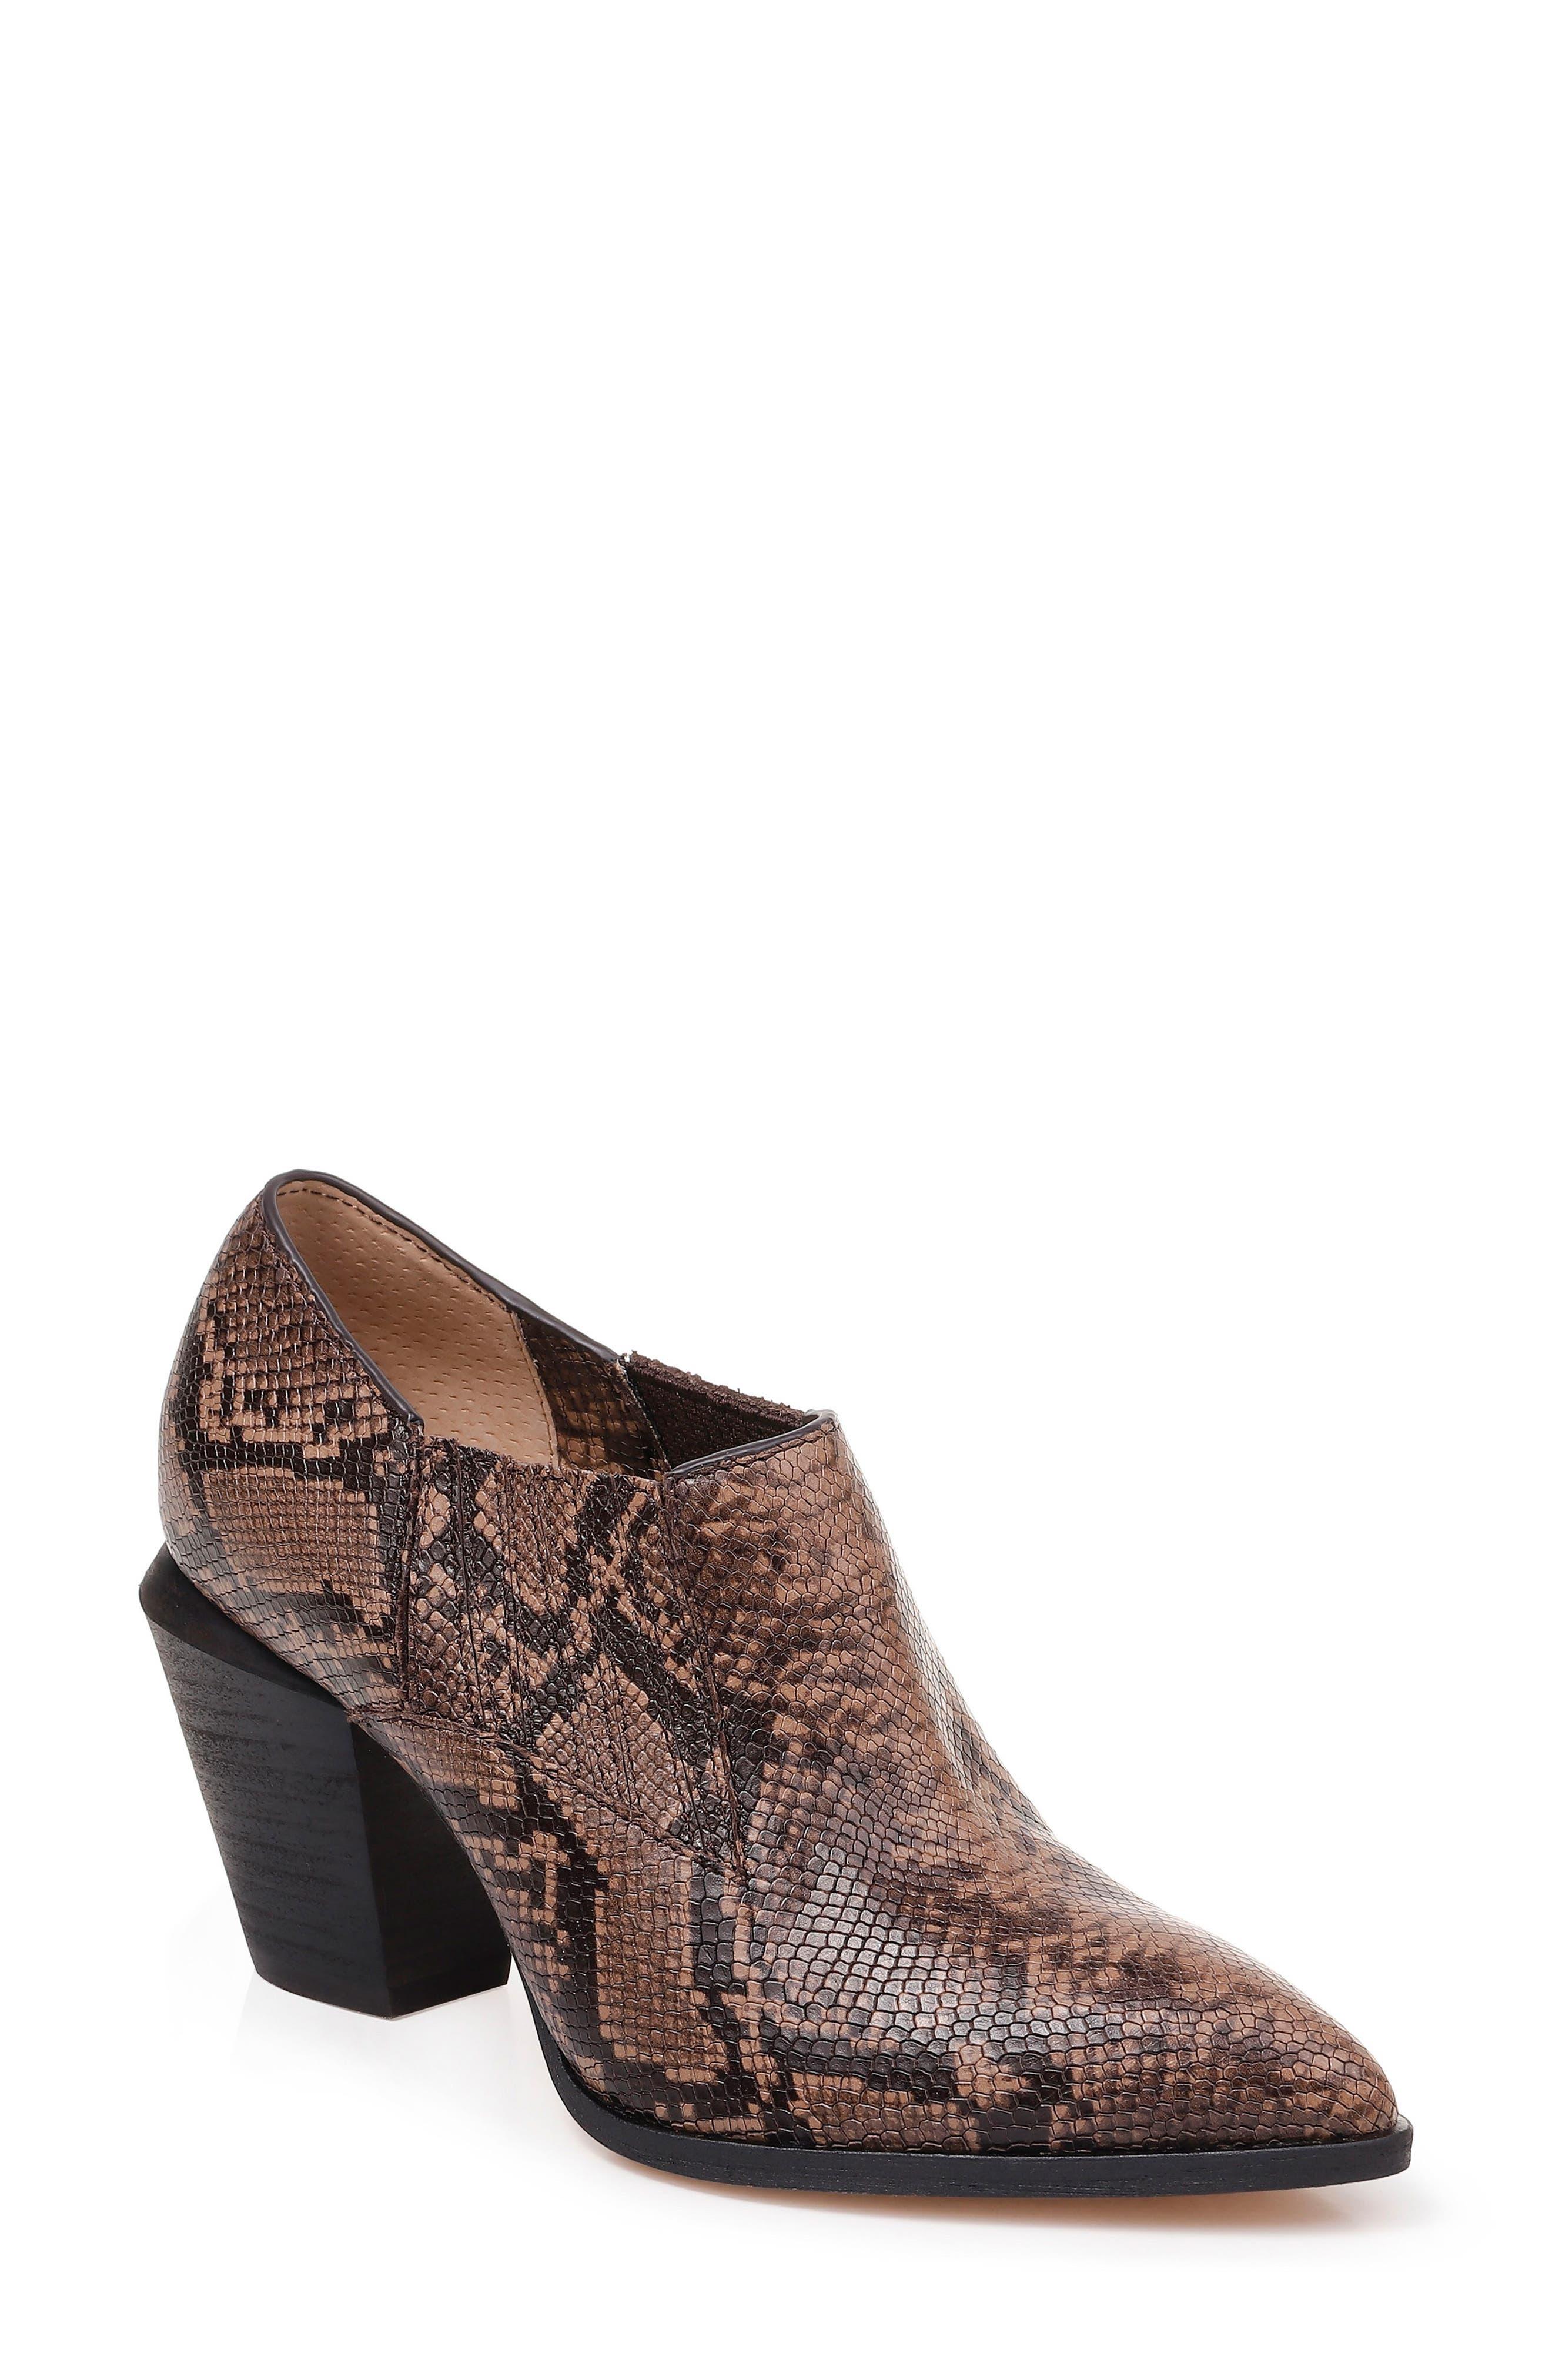 Splendid Hertha Ii Ankle Boot- Brown